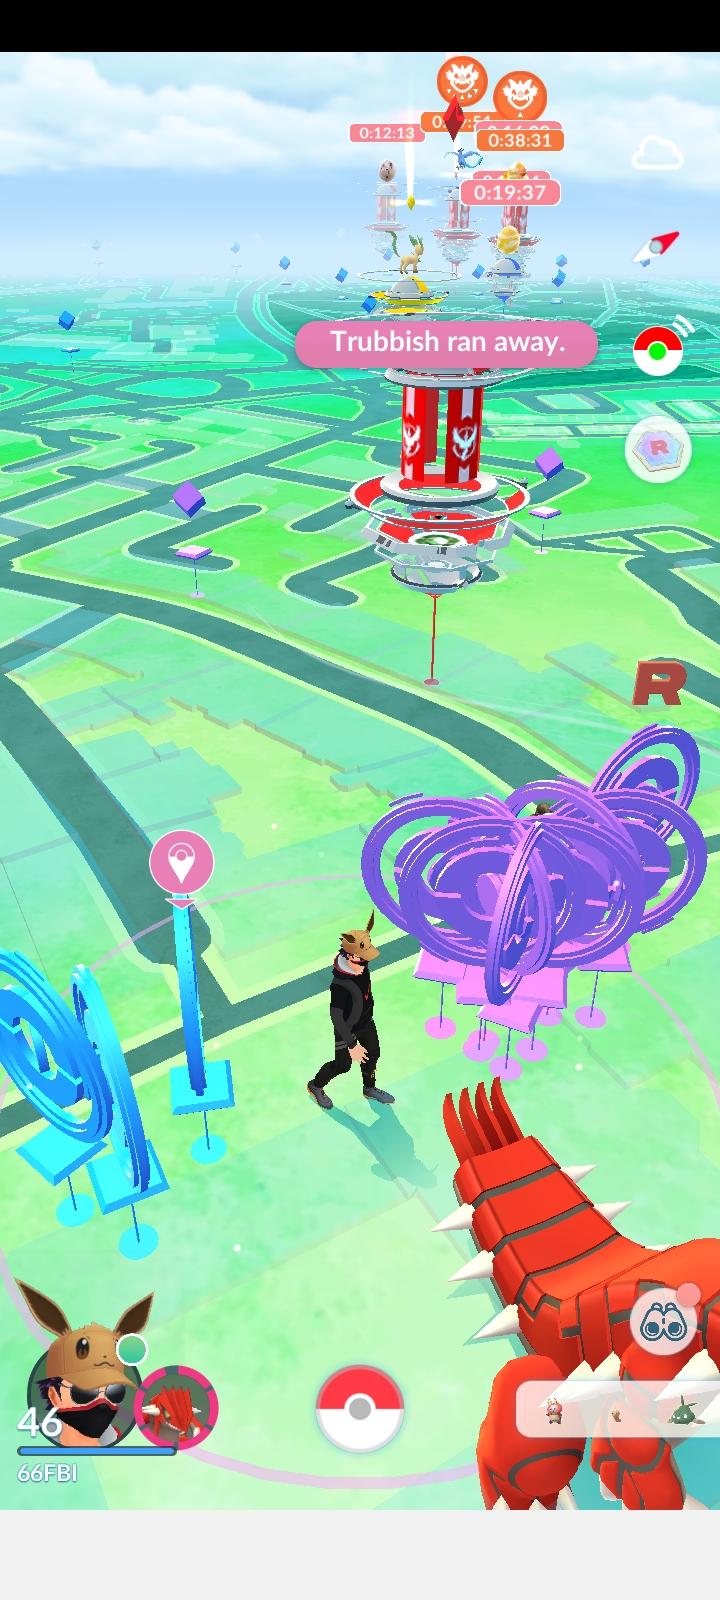 Pokemon_GO_2021-02-28-15-19-02.jpg